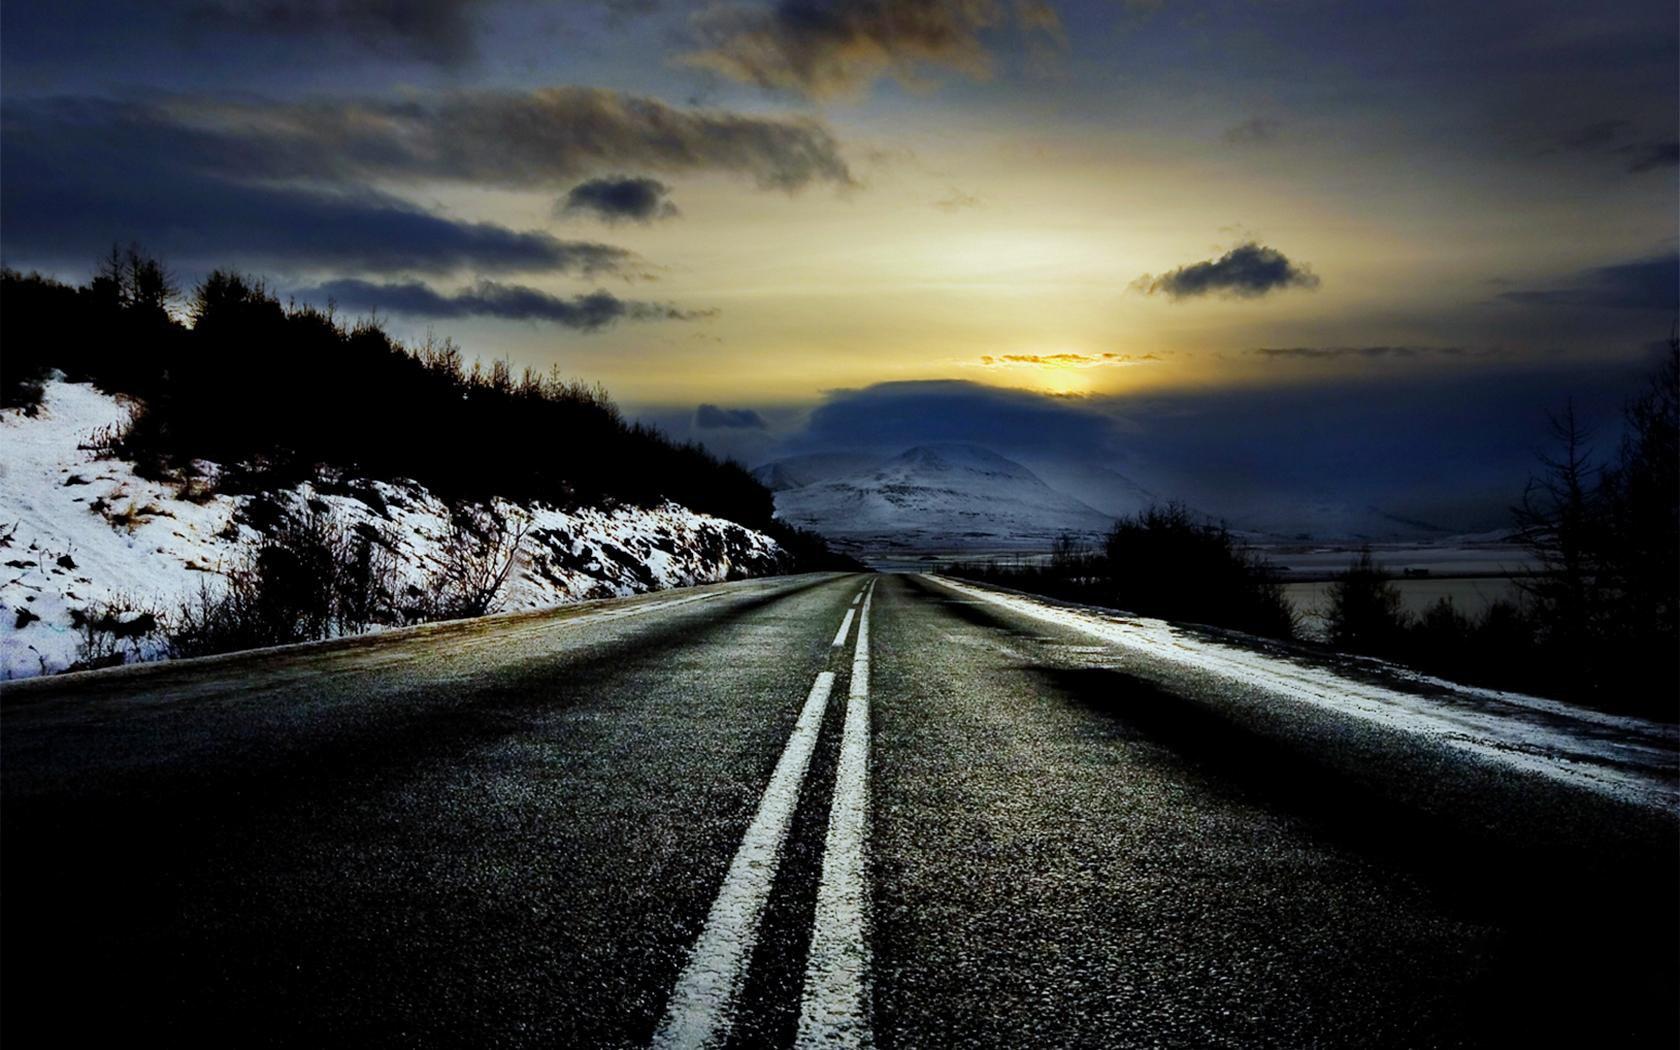 зимняя дорога, сумерки, скачать фото, обои для рабочего стола